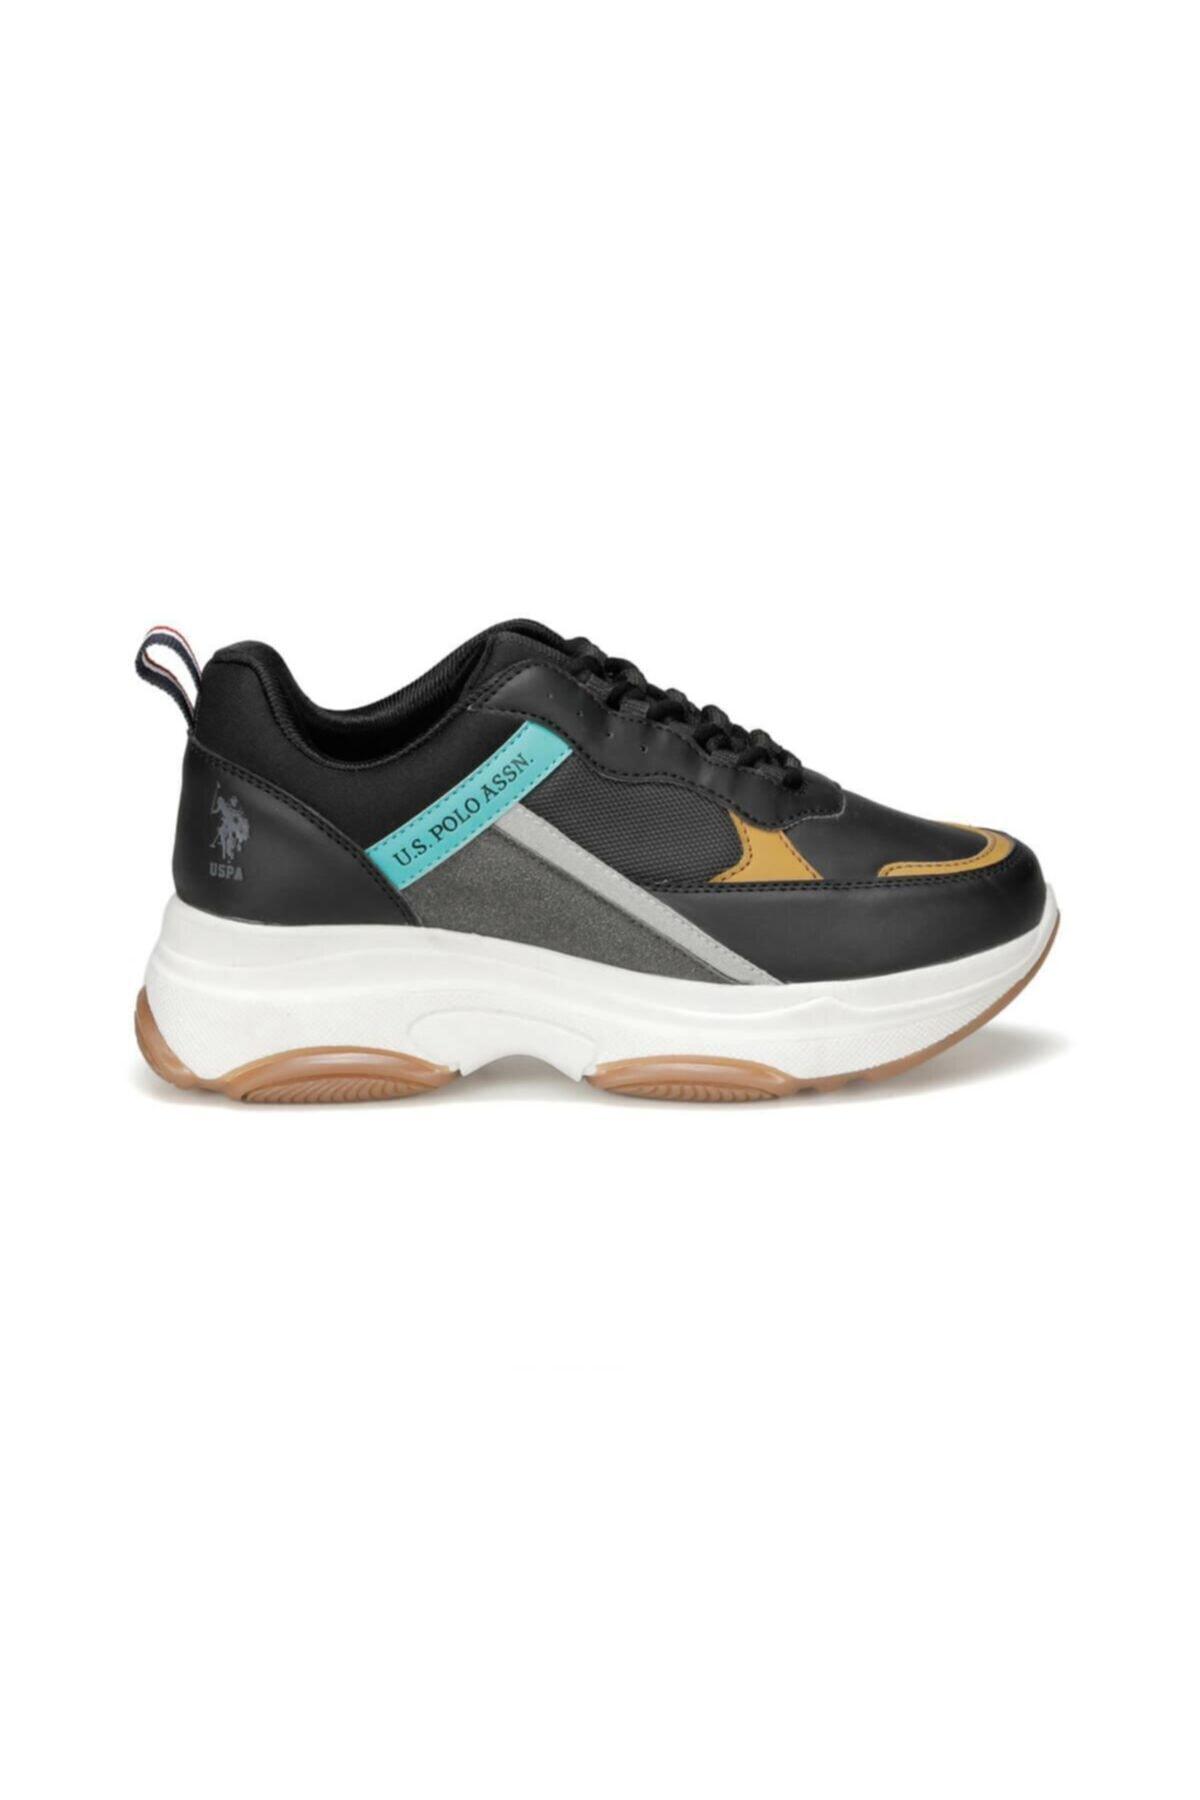 U.S. Polo Assn. BETSY 9PR Siyah Kadın Sneaker Ayakkabı 100417775 2